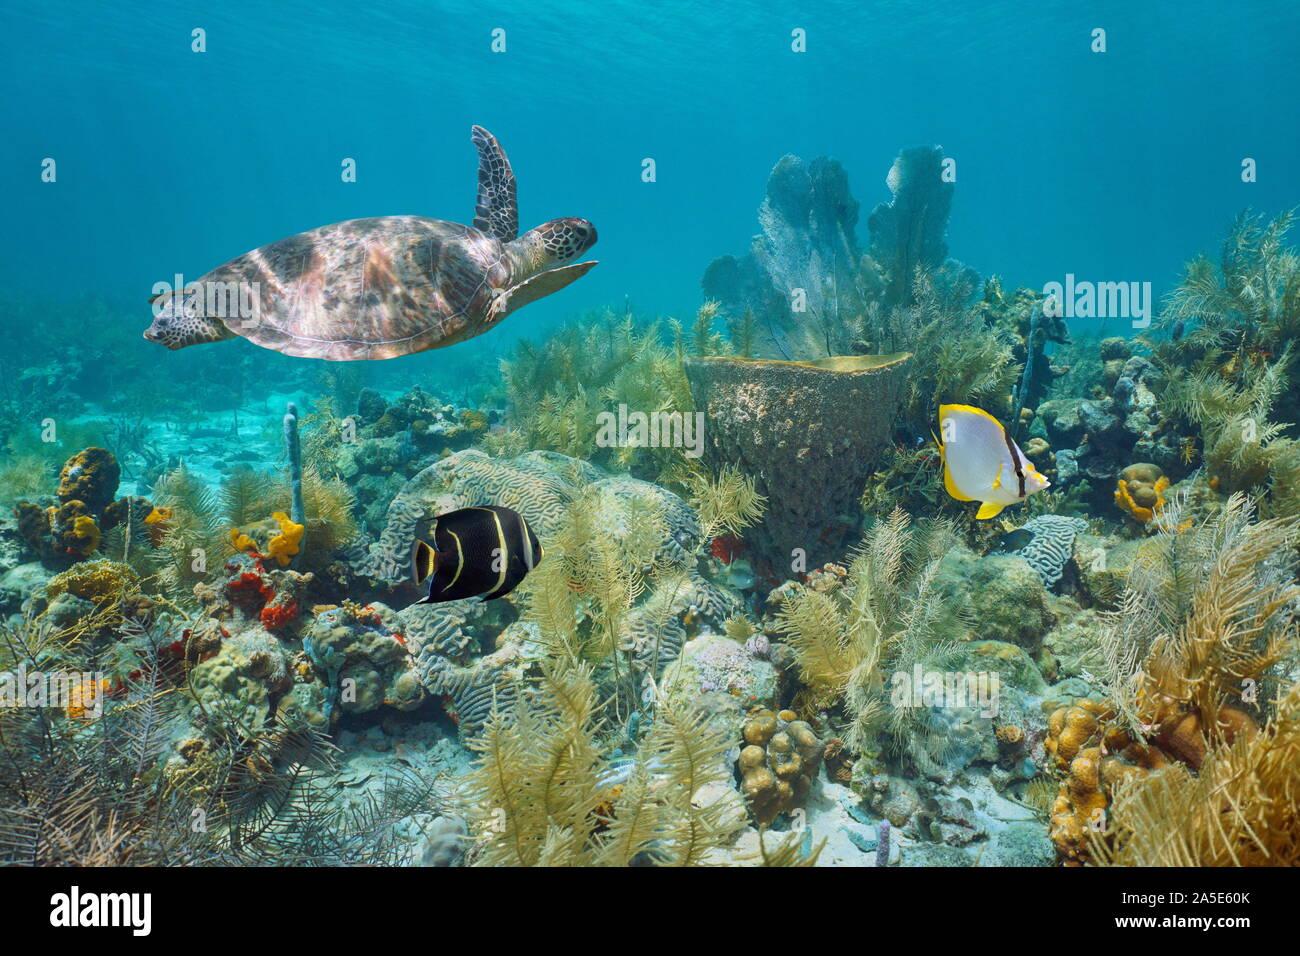 Les récifs coralliens des Caraïbes sous l'eau avec une tortue de mer verte et poissons tropicaux, Martinique, Petites Antilles Banque D'Images